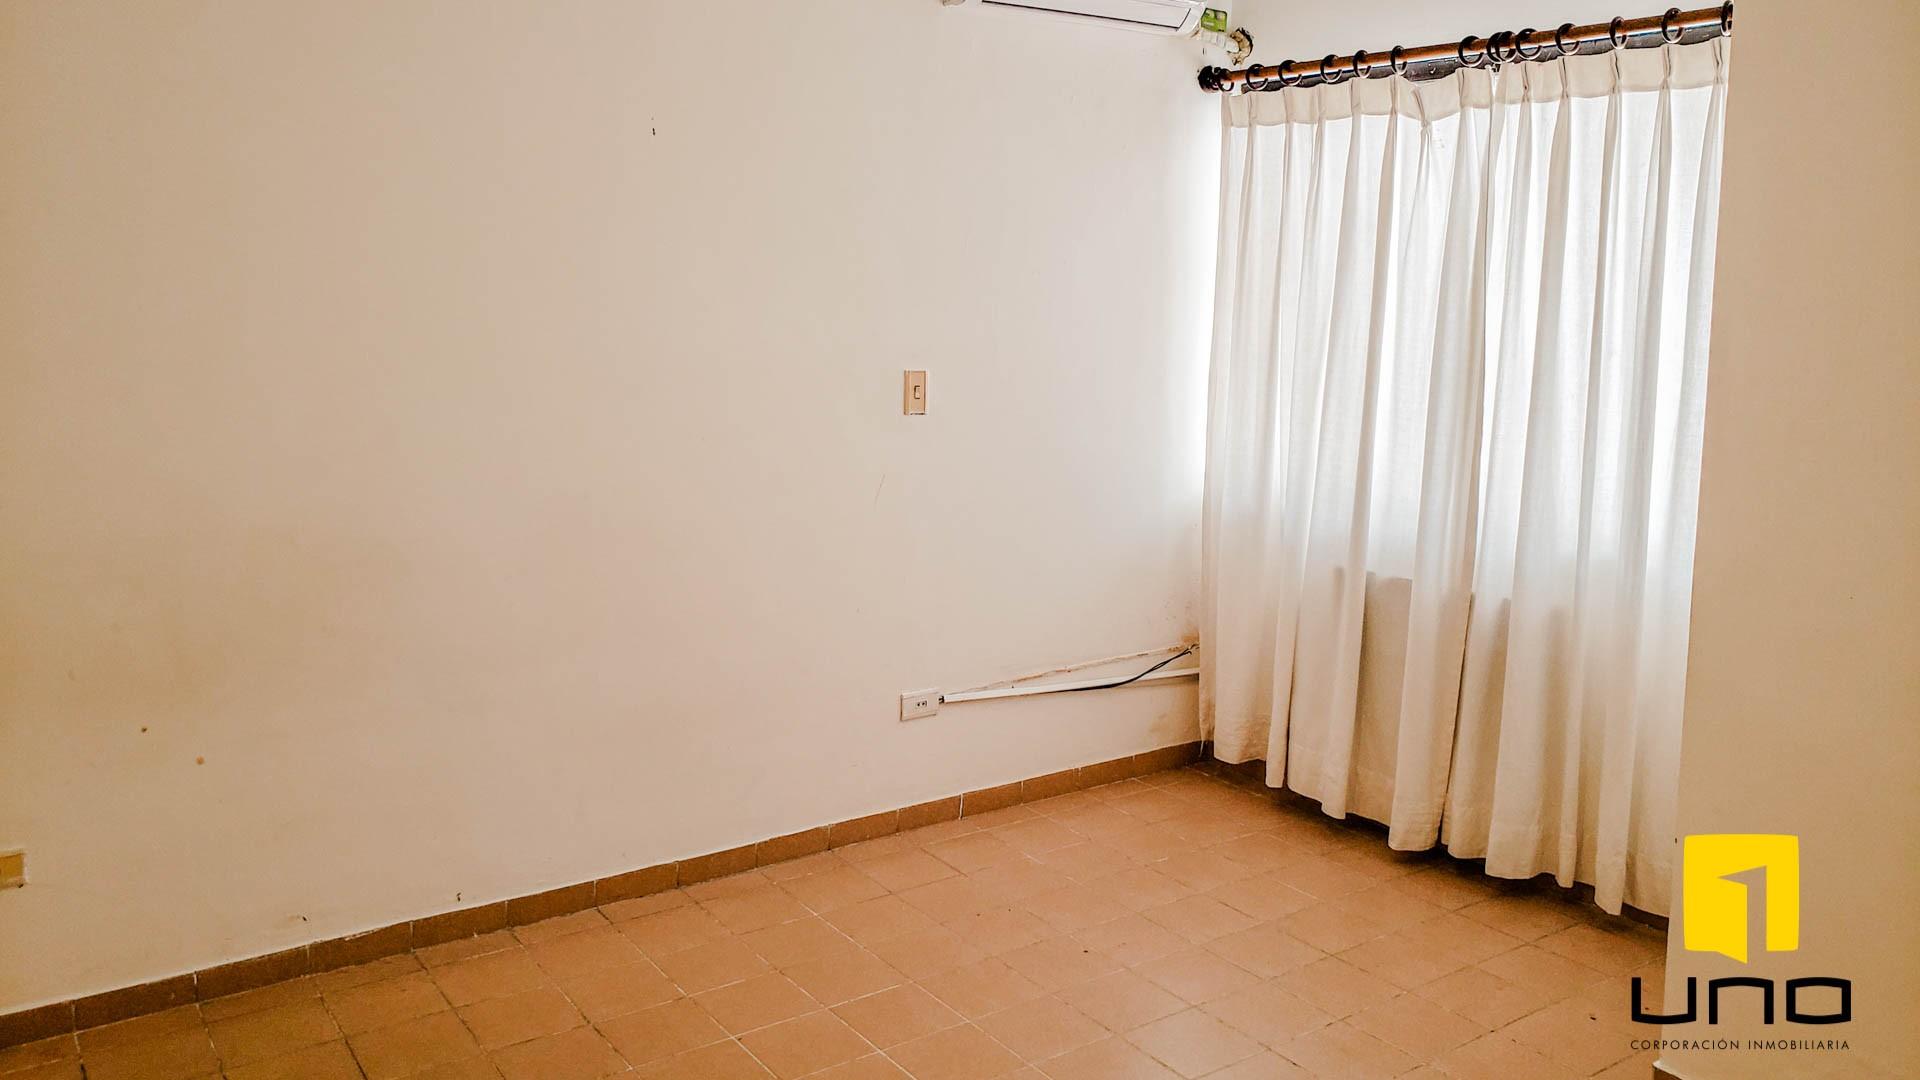 Casa en Venta $us 260.000 VENDO CASA BARRIO LAS PALMAS Foto 9